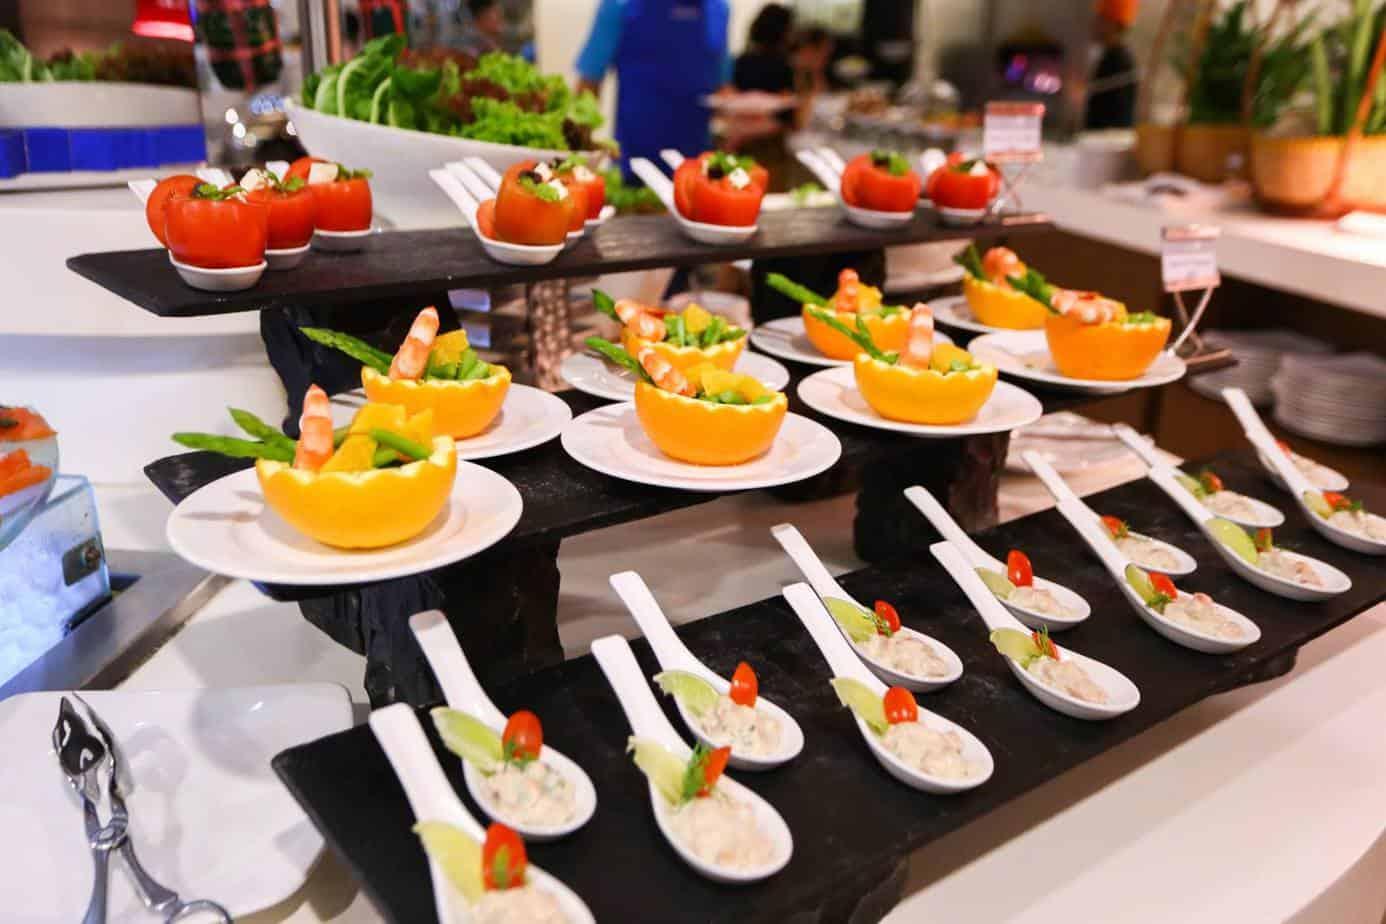 Top 8 Nhà Hàng Buffet Cao Cấp Tại TPHCM Mà Dân Sành Ăn Không Nên Bỏ Lỡ - nhà hàng buffet cao câp tại tphcm - Caravelle Saigon hotel | Hoàng Yến Premier | Nhà Hàng Buffet 60